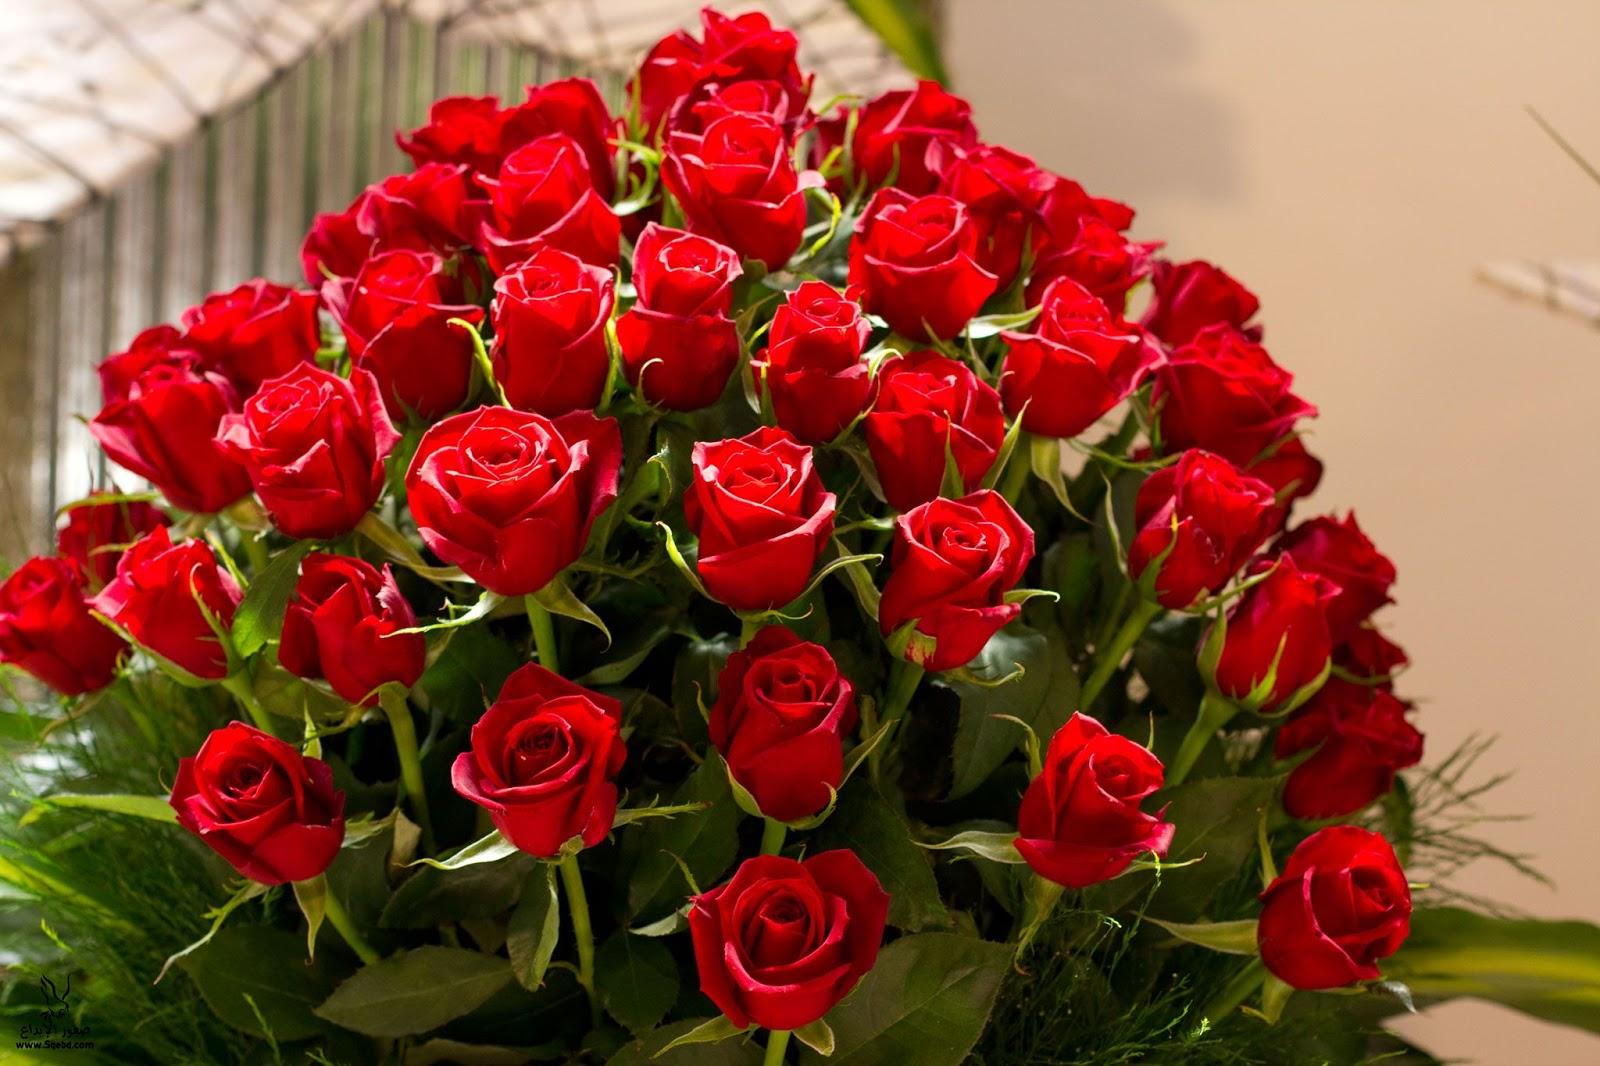 بالصور صور ورد خلفيات , اجمل اشكال وانواع الورود 3582 9